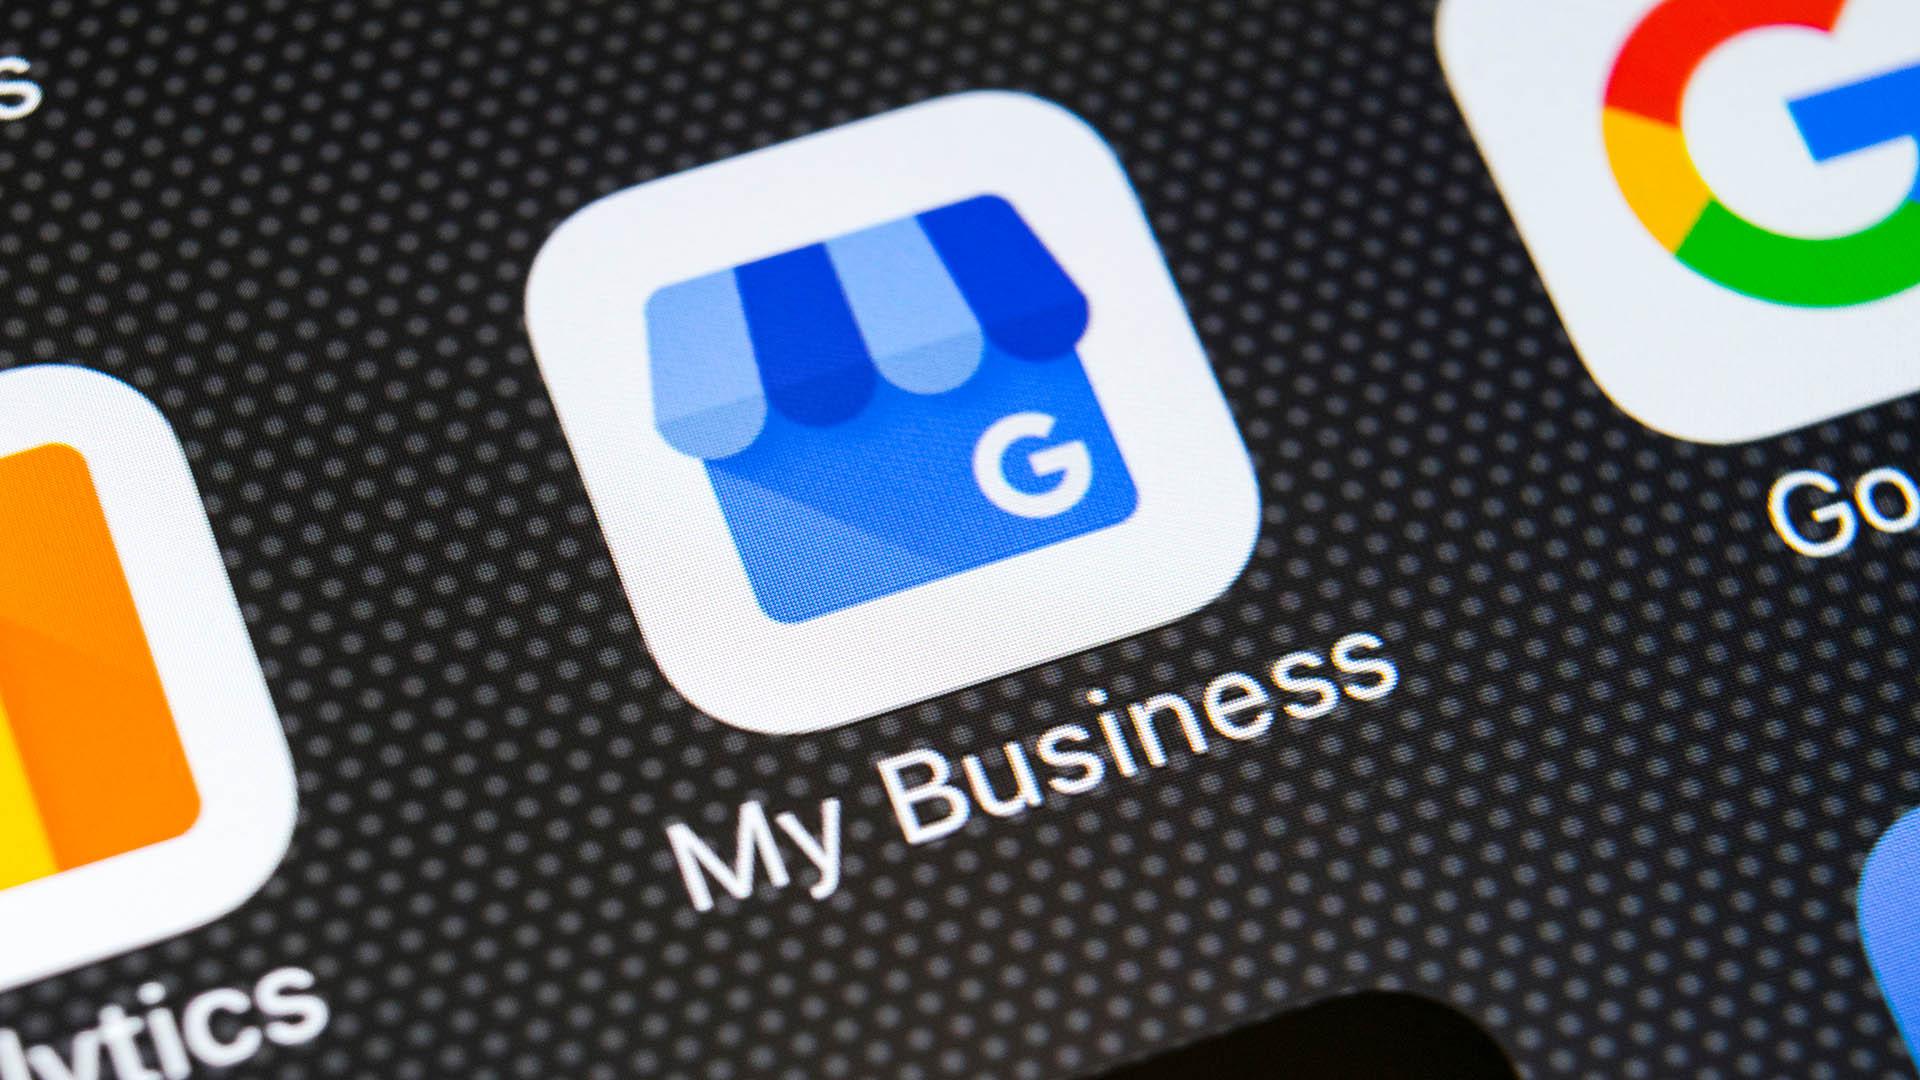 Memanfaatkan Google My Business Untuk Bisnis Laundry Anda